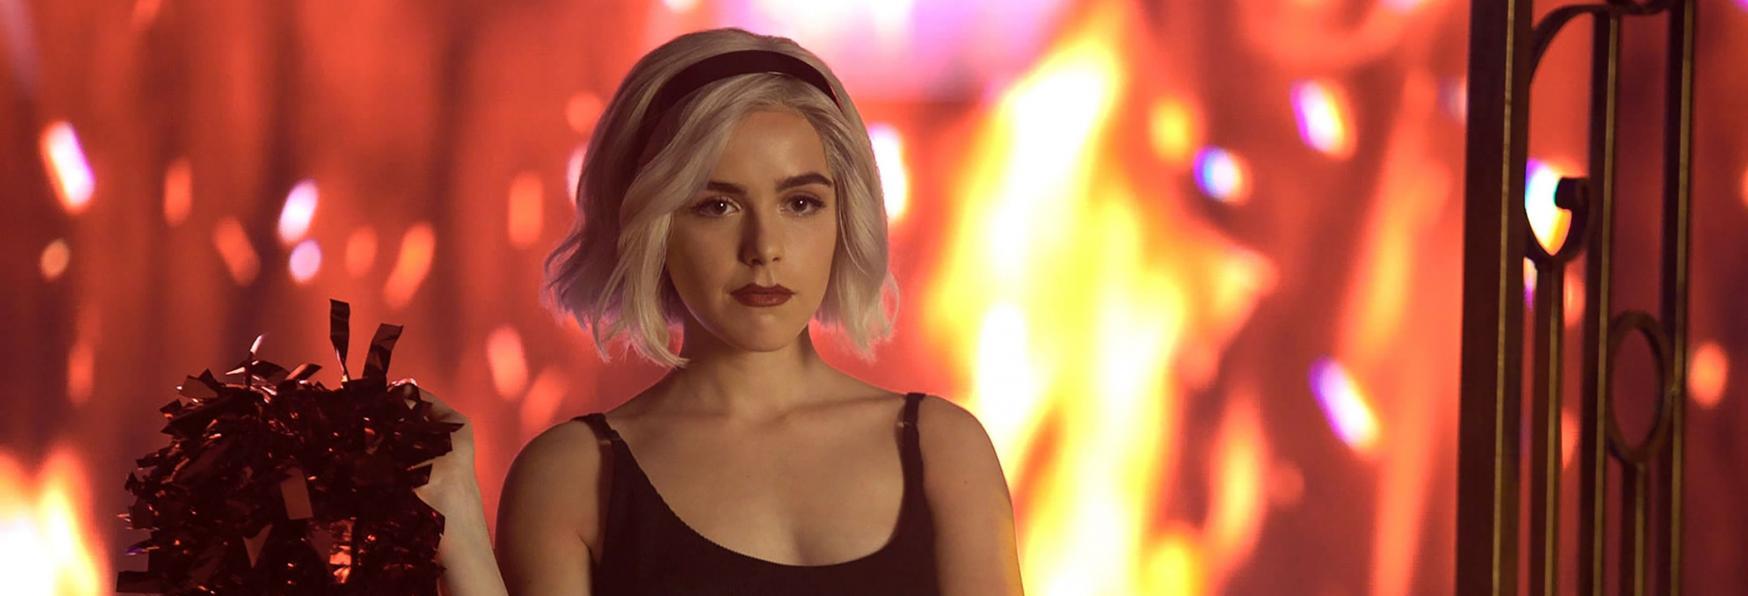 Vedremo un Cameo di Katy Keene e Le Terrificanti Avventure di Sabrina in Riverdale?